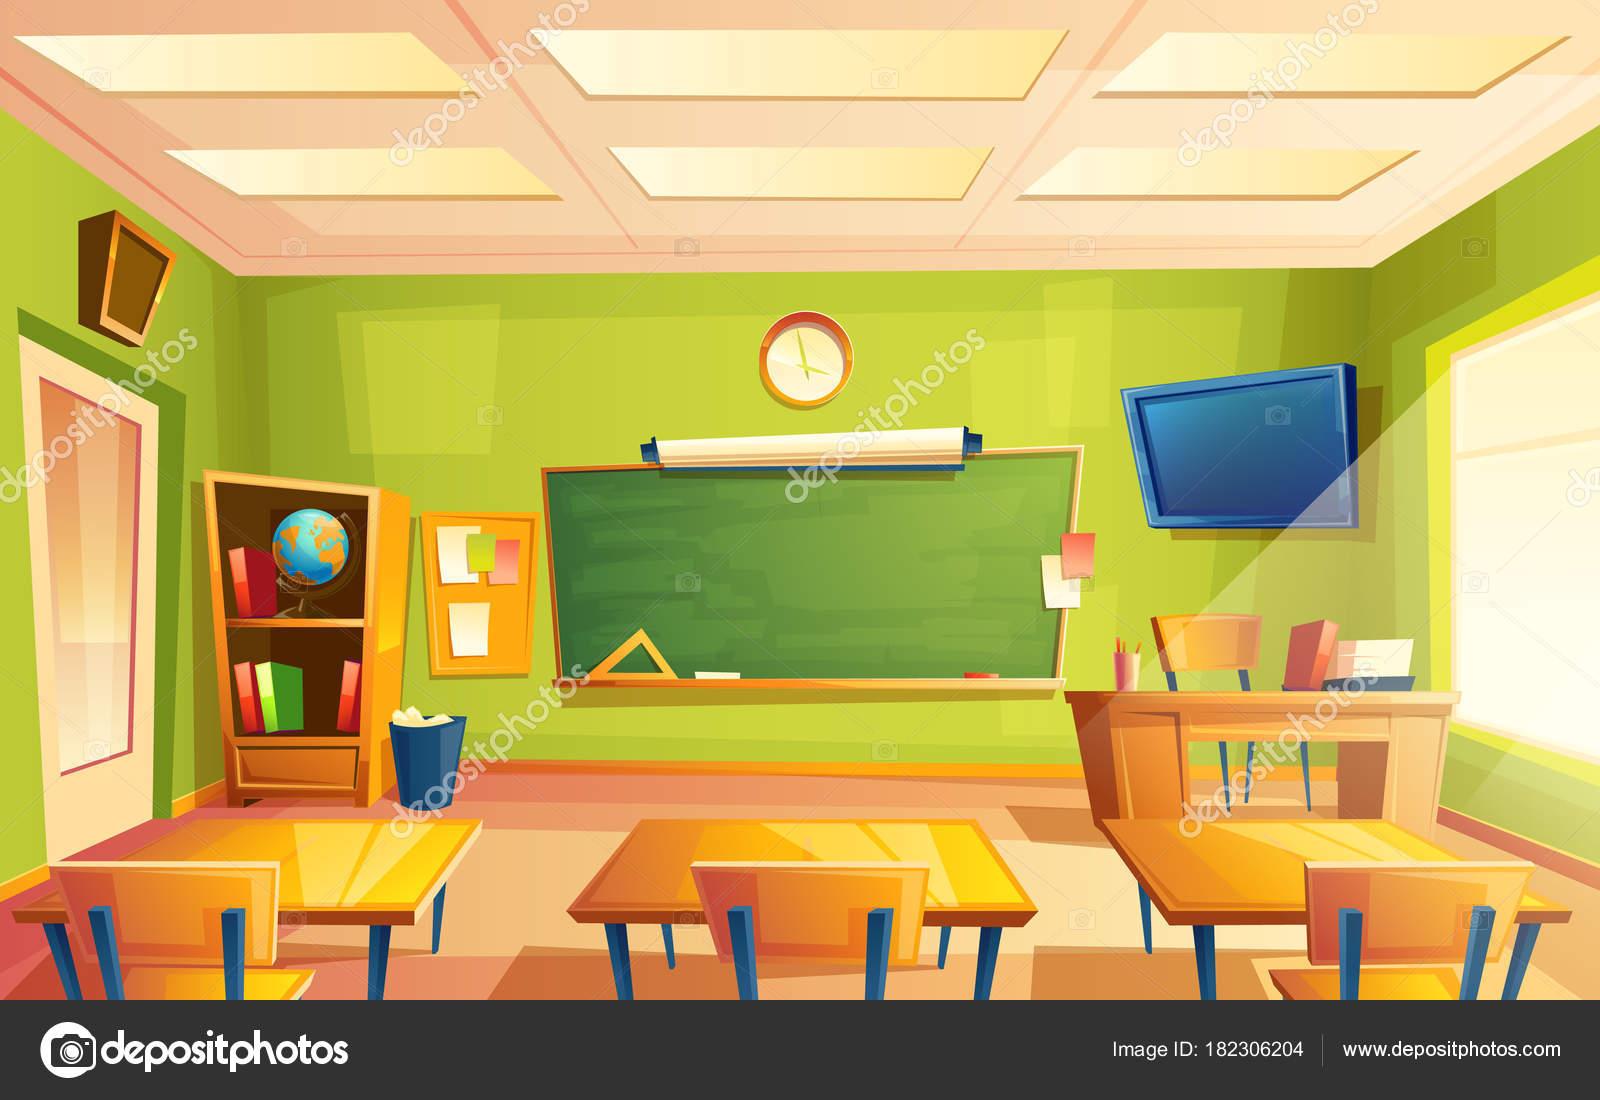 Interior De Aula En Escuela Vector Sala De Formaci N Universidad  # Muebles Educativos